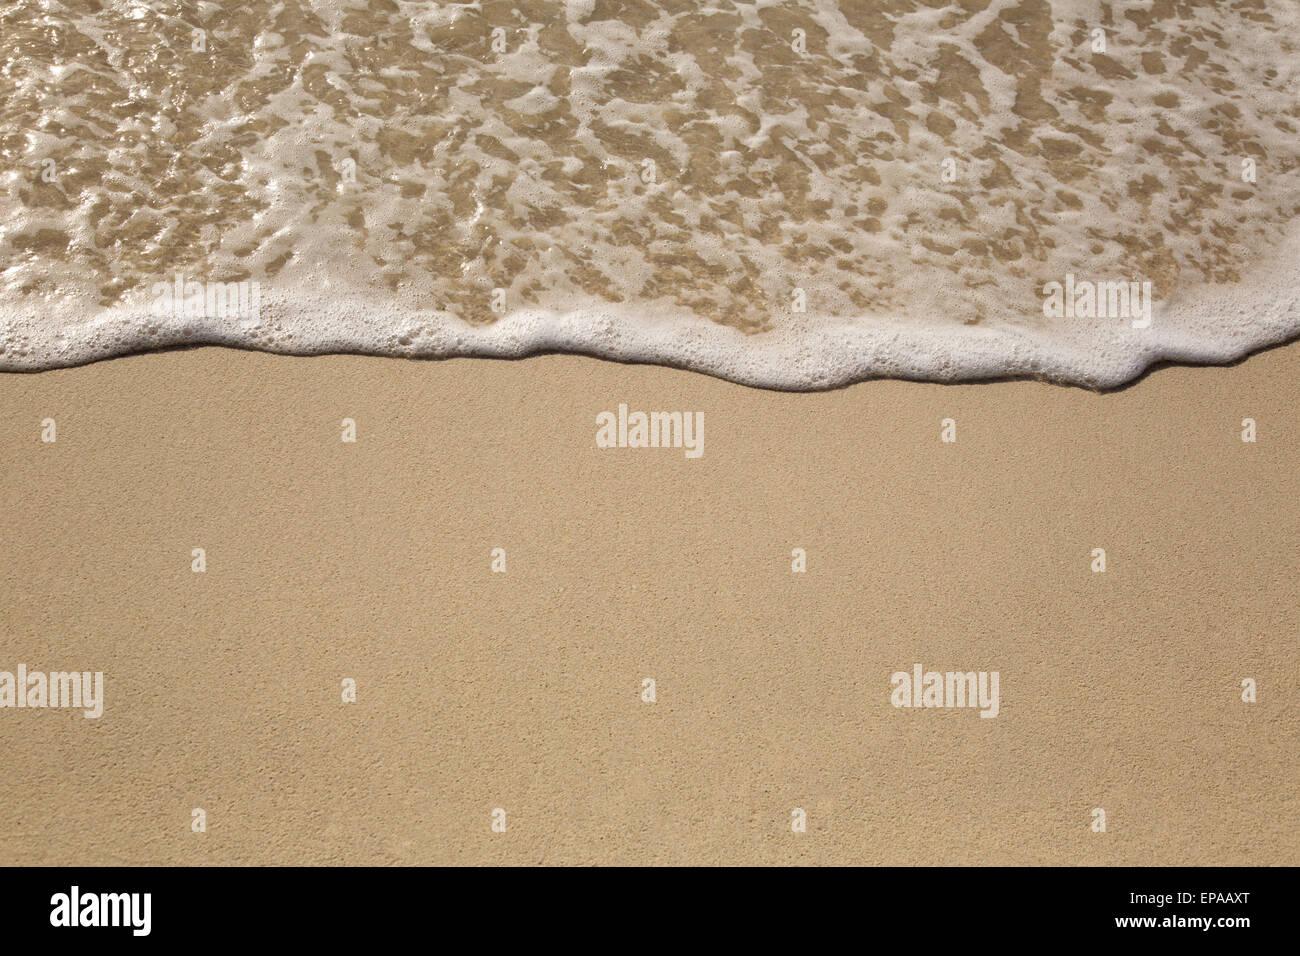 strand sand reise und meer hintergrund stockfoto bild. Black Bedroom Furniture Sets. Home Design Ideas